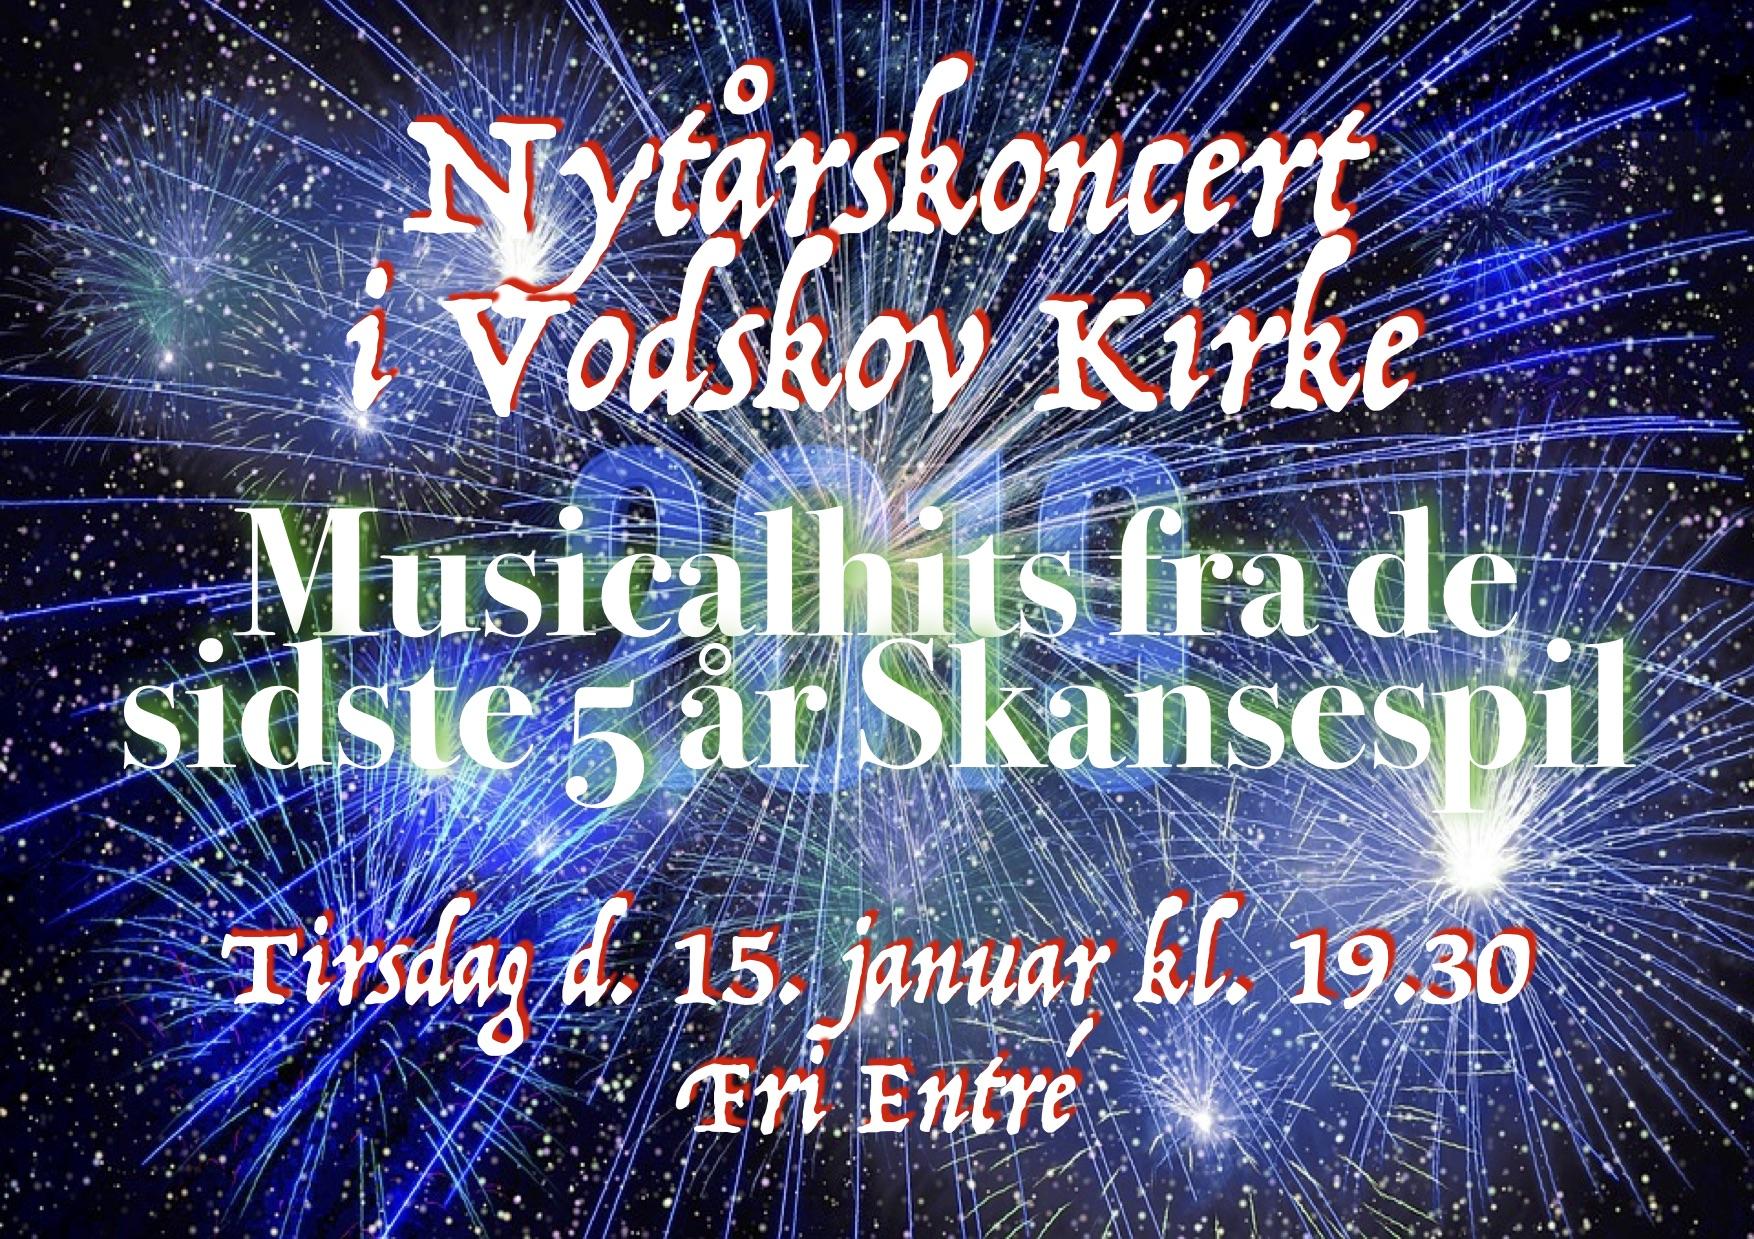 Skansespillet holder nytårskoncert i Vodskov Kirke